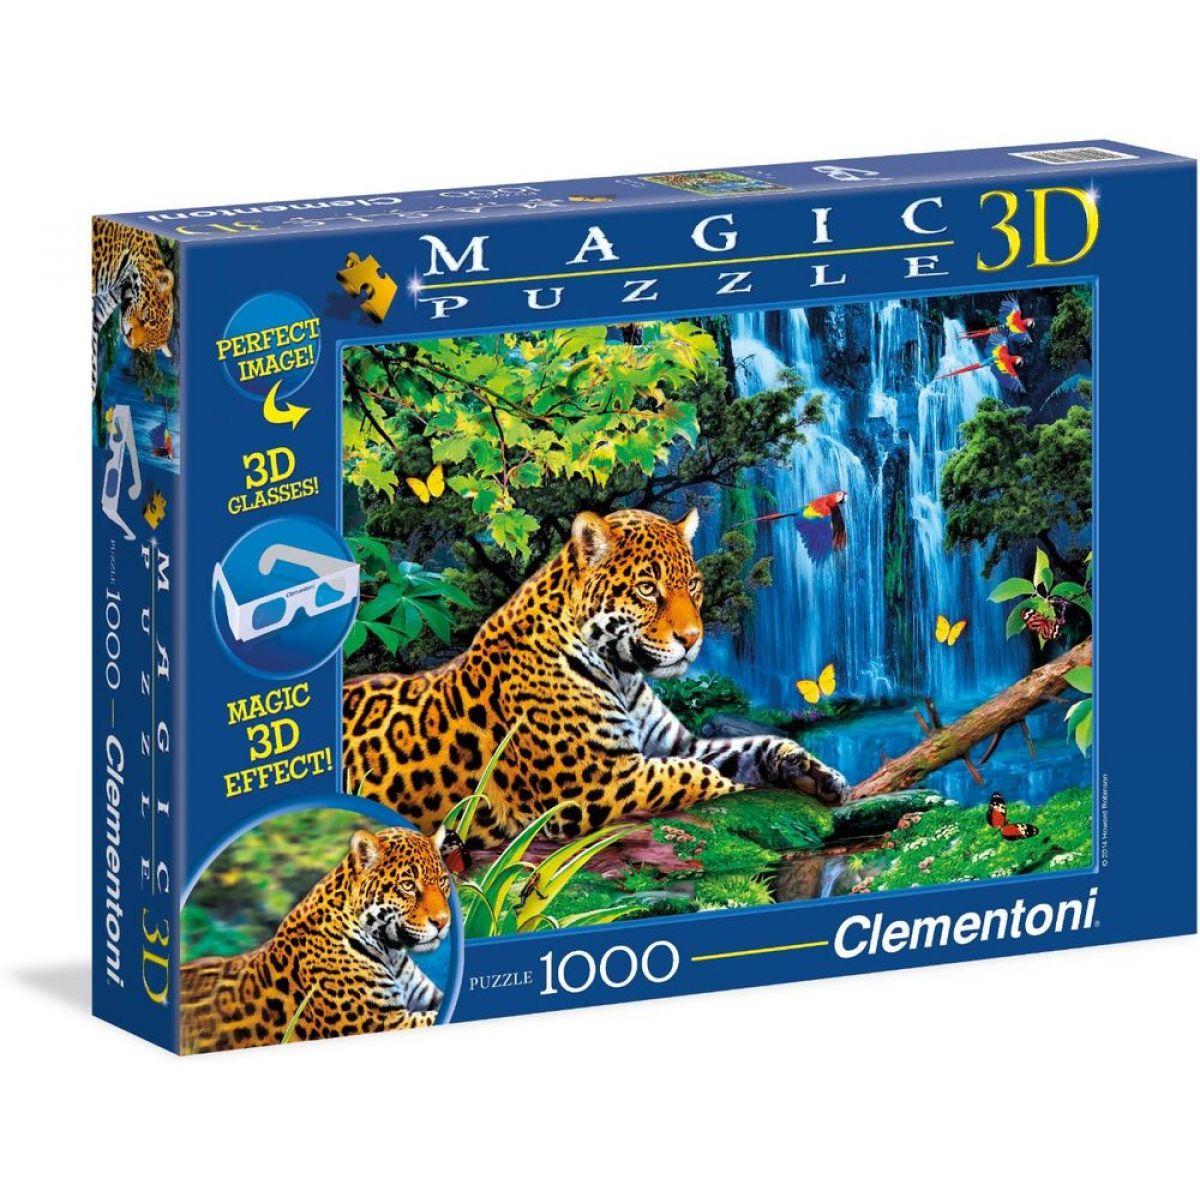 Clementoni Puzzle Magic 3D Jaguar Jungle 1000d